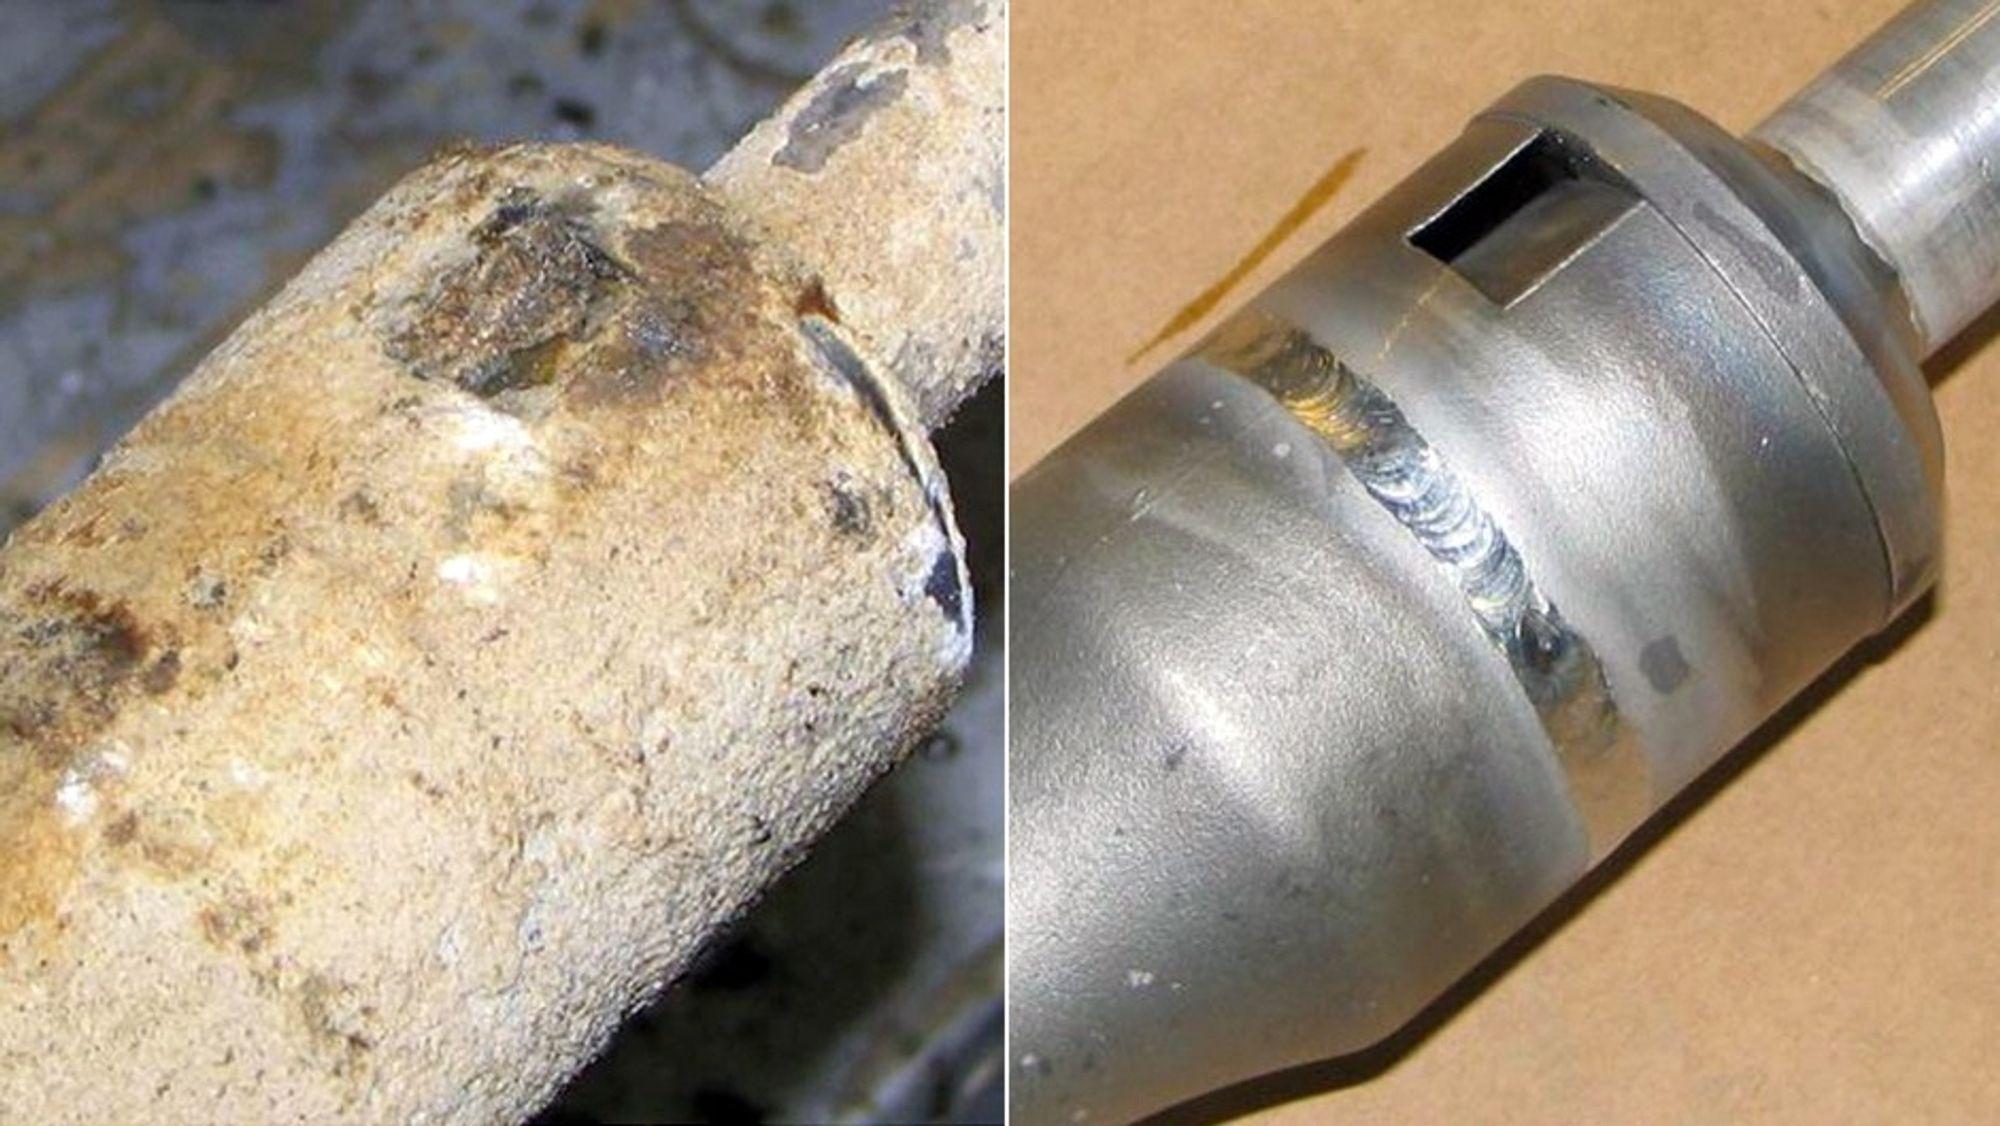 Før og etter: Slik ser hydrosyklonen ut før og etter rensing.